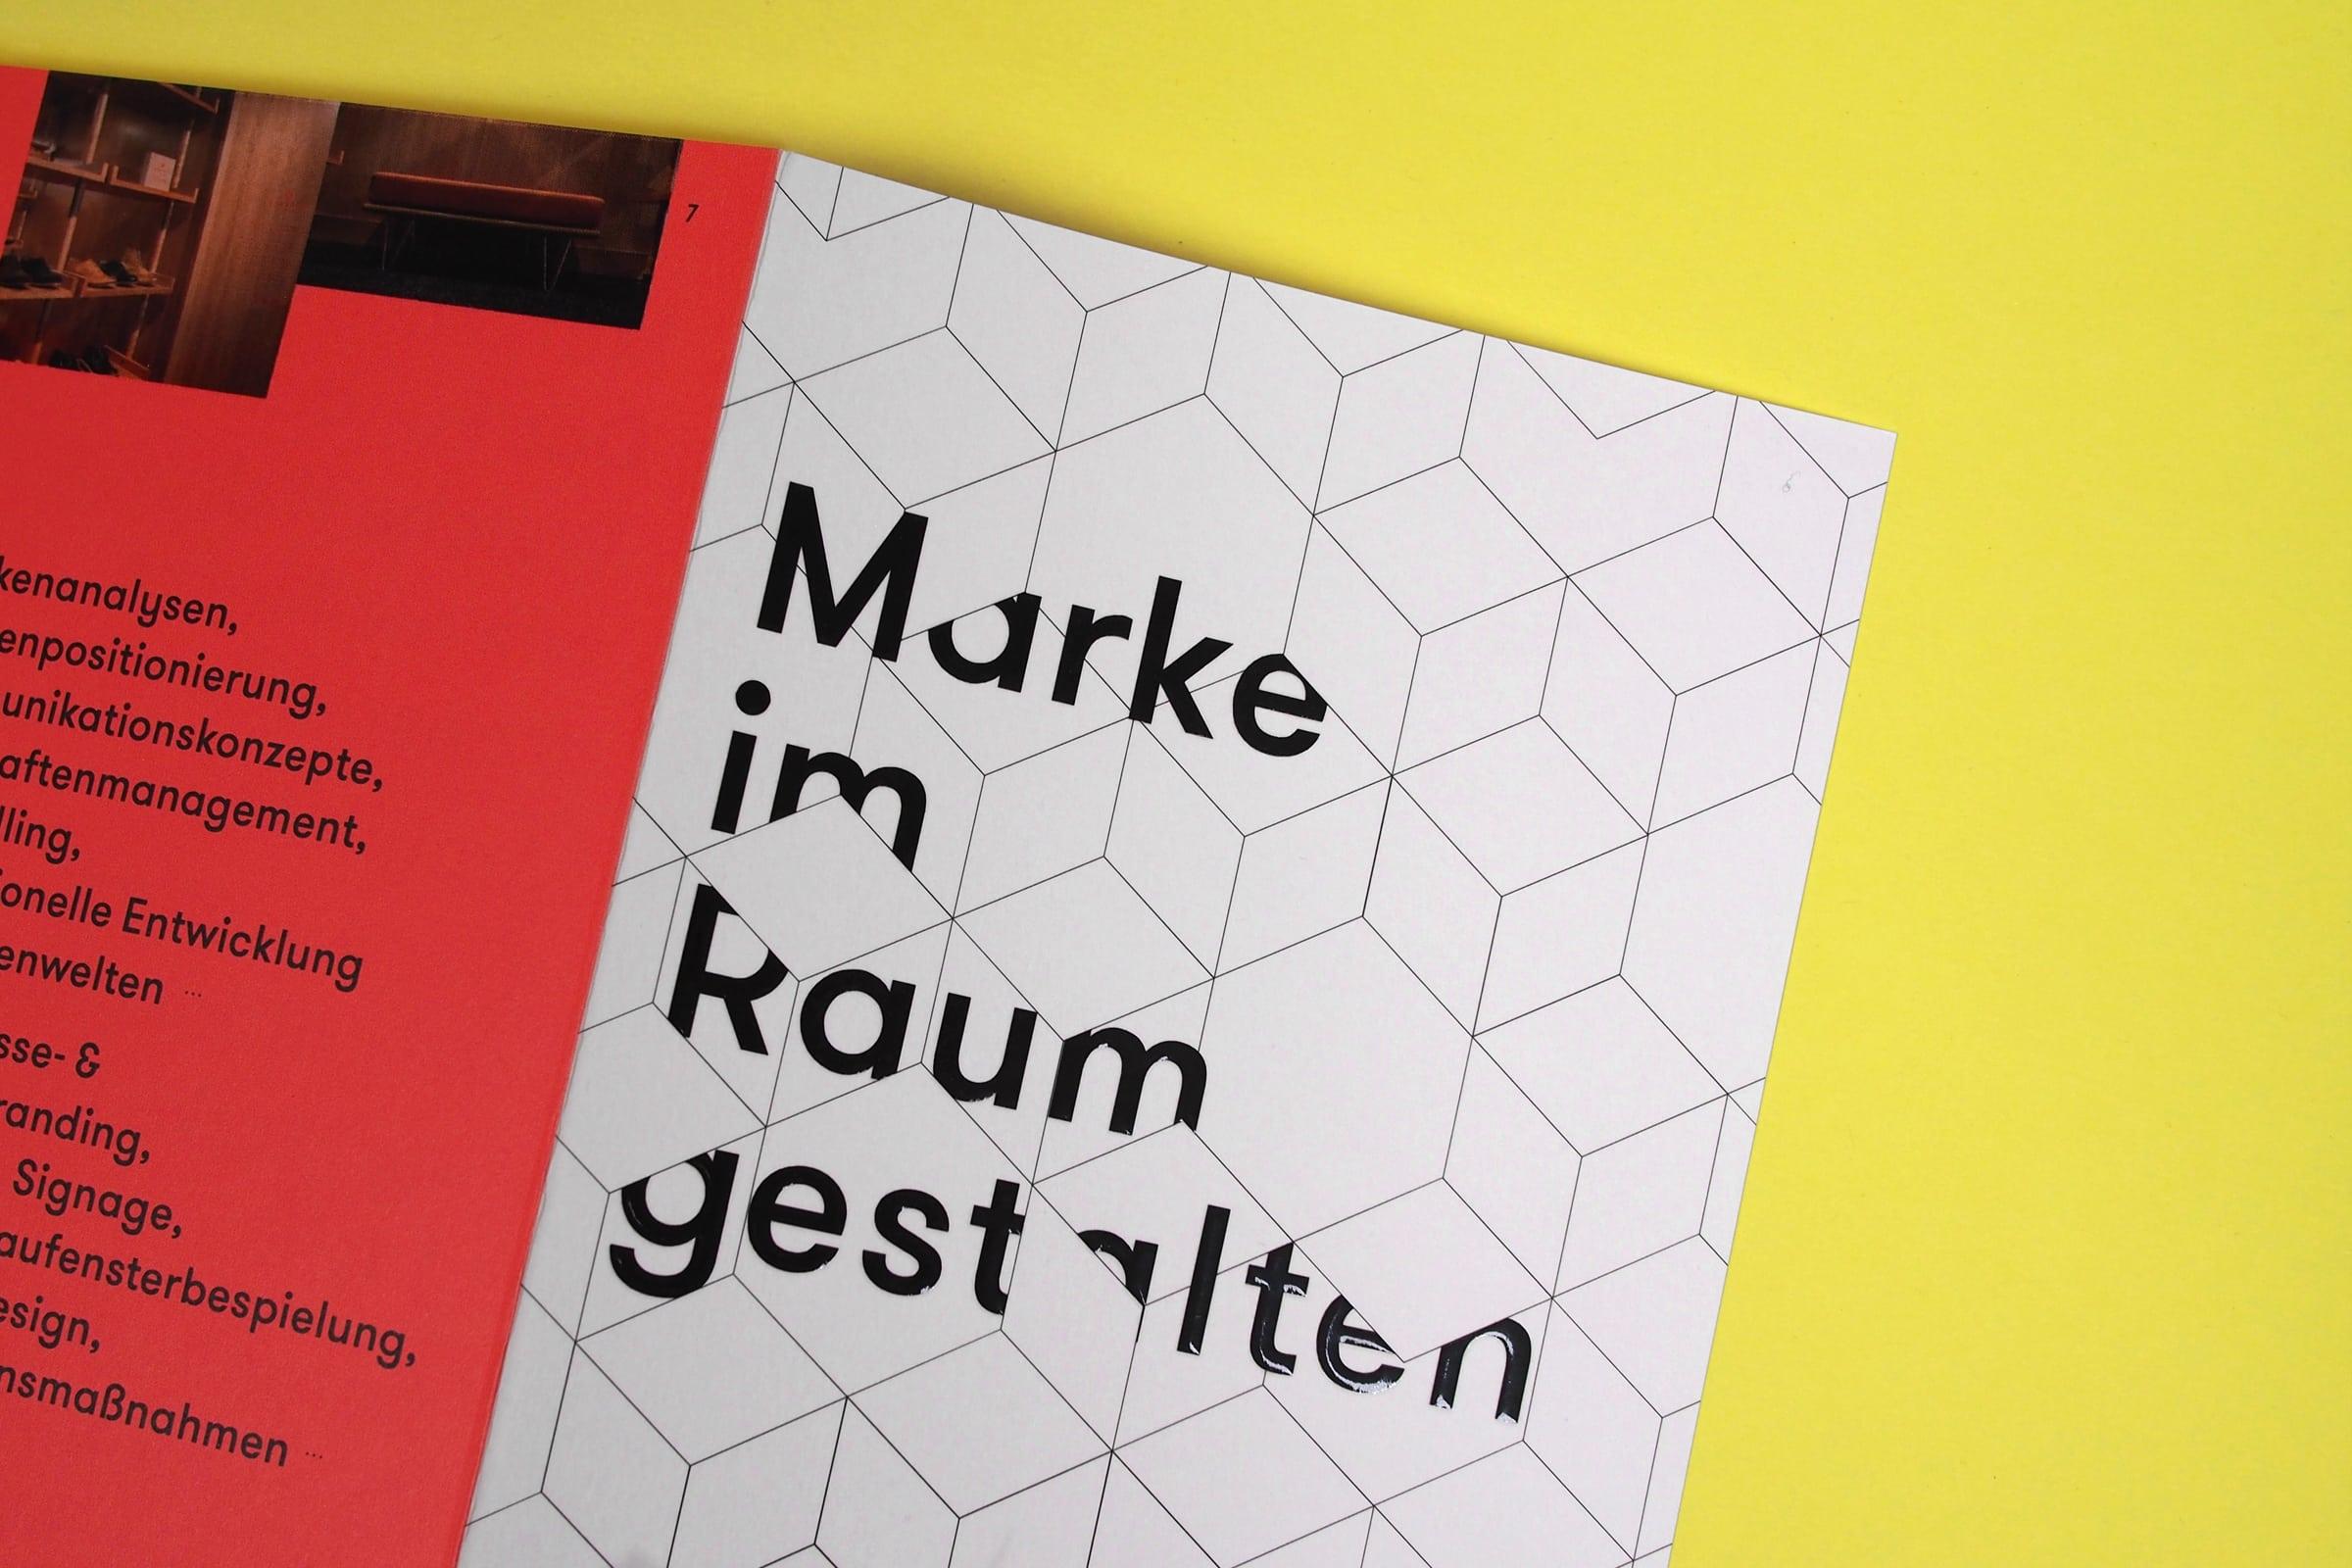 Brand Spaces, Kommunikation im Raum, Editorial Design, Architektur